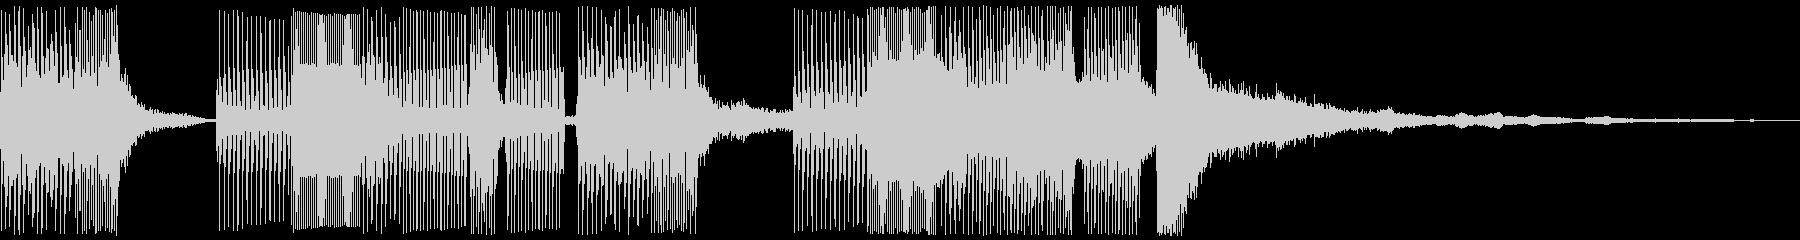 イージーリスニング ライフスタイルの未再生の波形